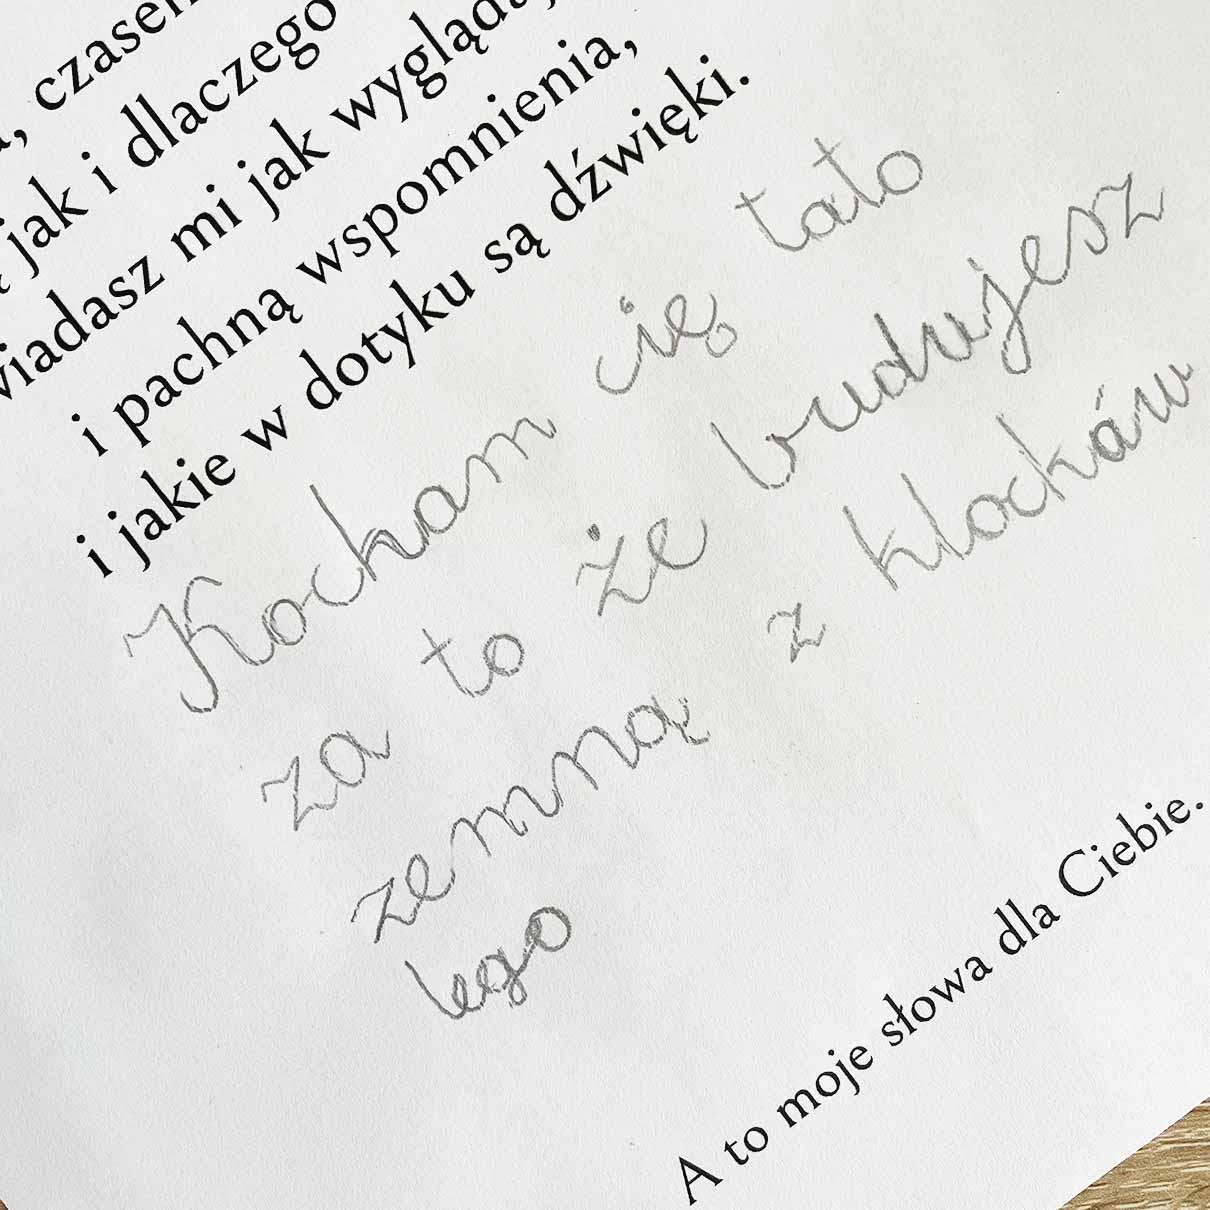 Dziecko robi prezent dla taty - piszę co lubi z nim robić